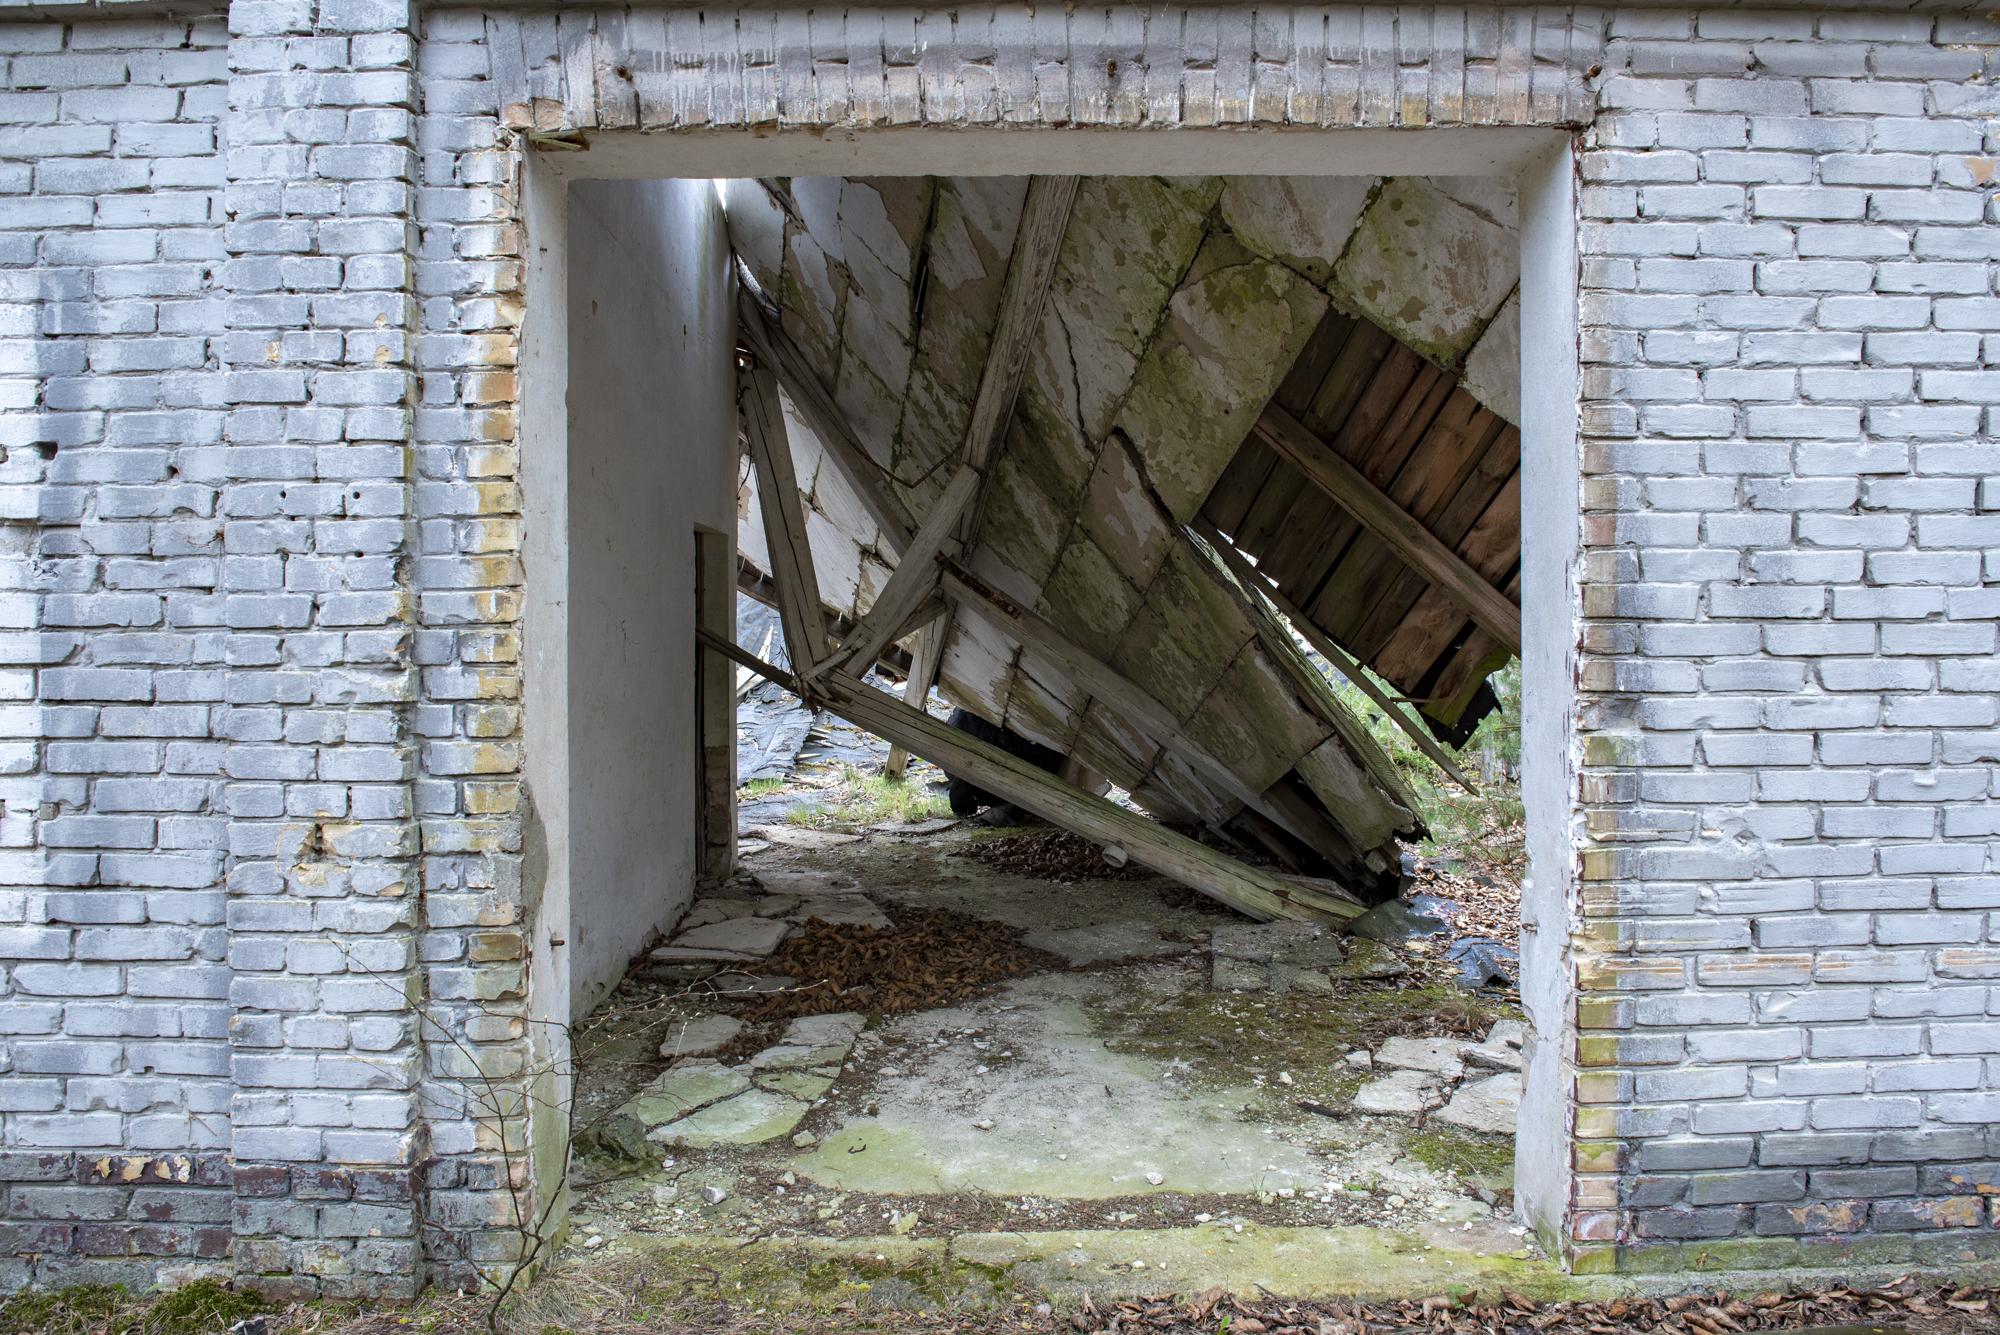 Eingestürztes Dach des Fabrikgebäudes der ehemaligen DAW-Tischlerei Ravensbrück. Foto: Christoph Löffler, Berlin